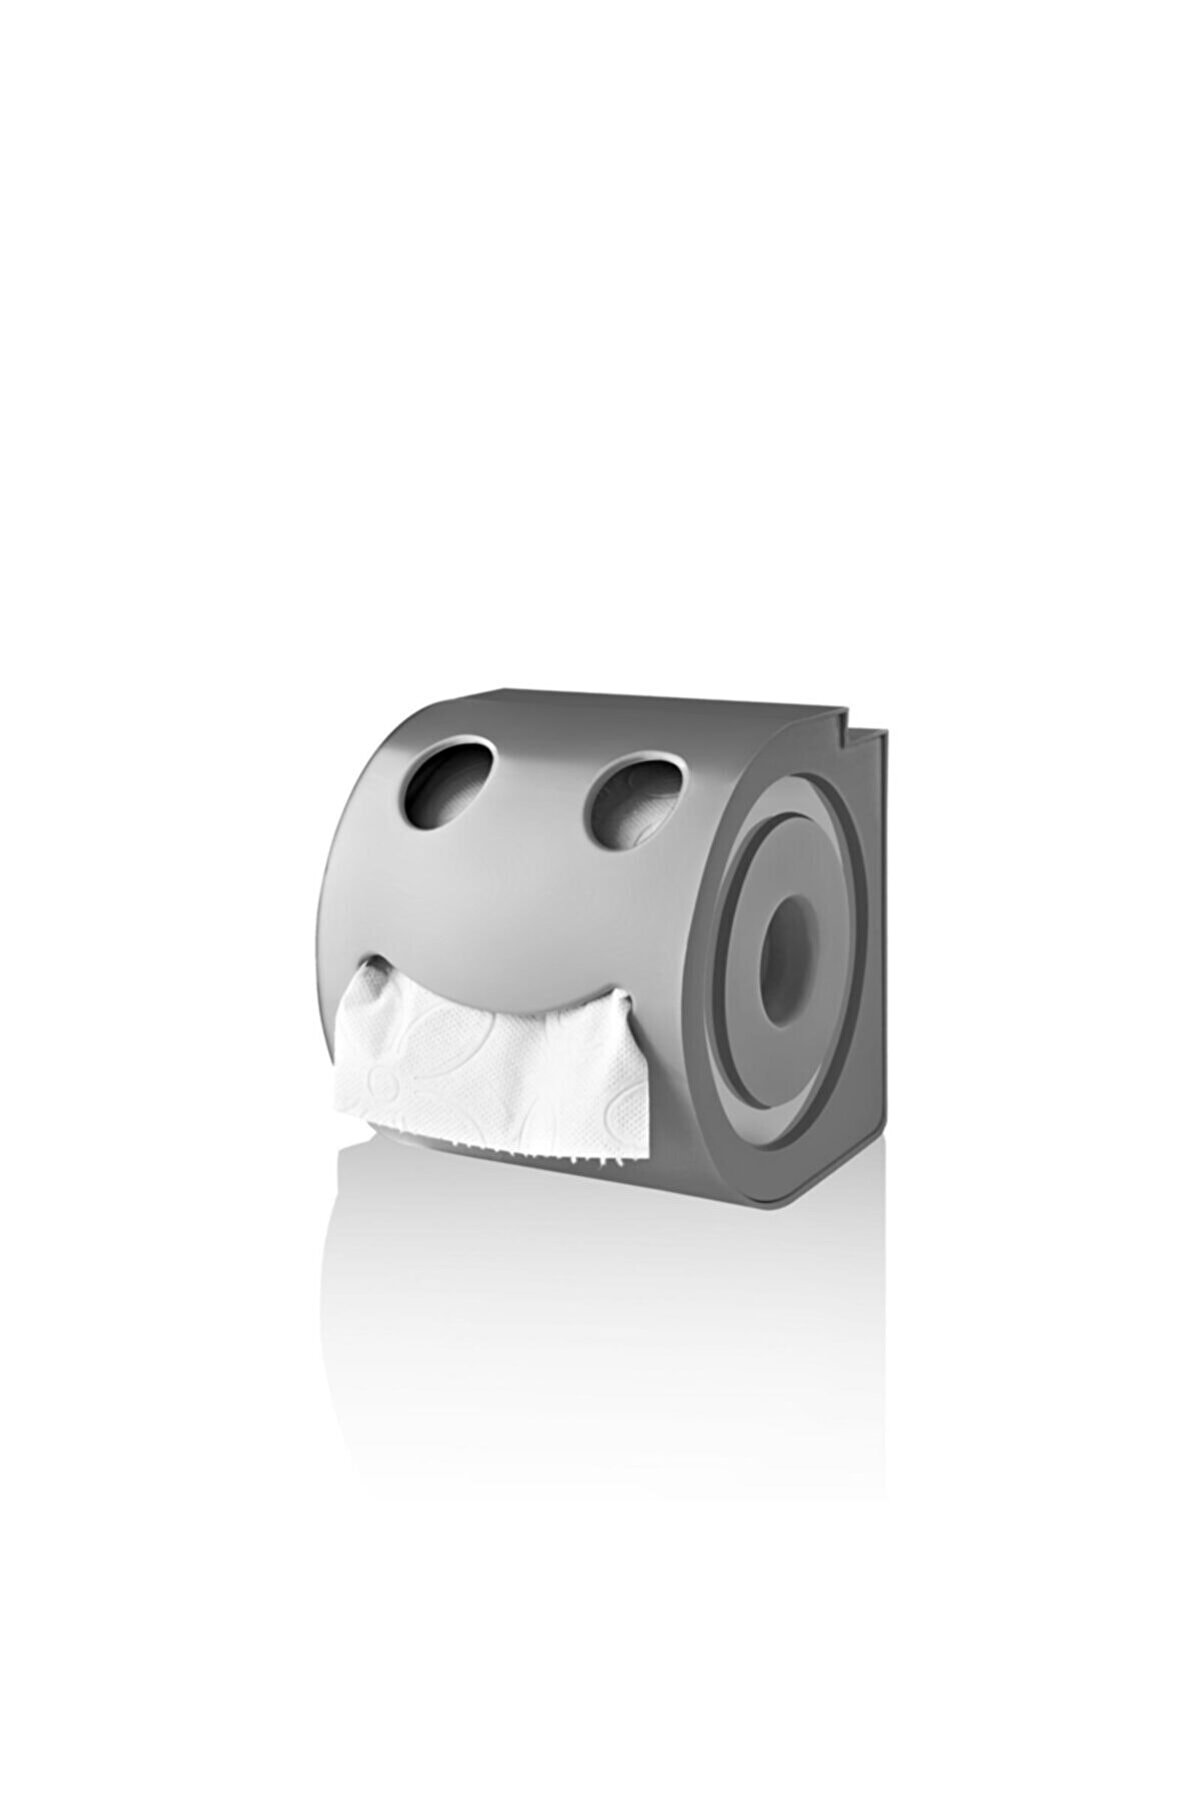 Eminem Home Wc Kağıtlık Plastik Tuvalet Kağıtlığı (gri)